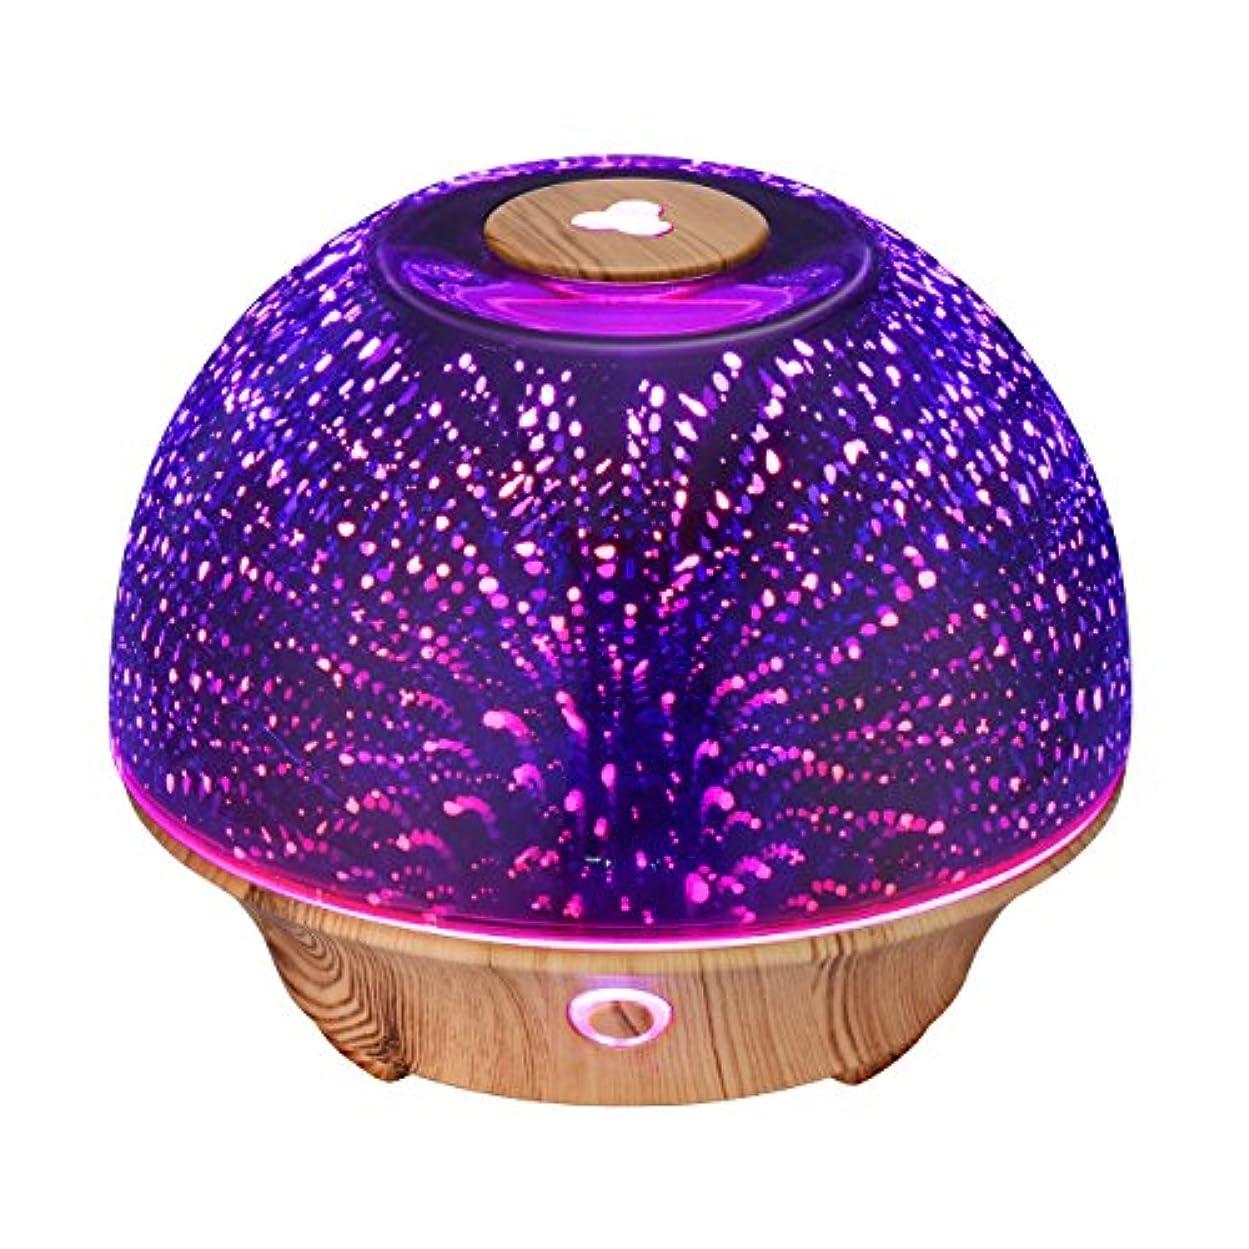 不運外科医橋VicTsing Essential Oil Diffuser, 200ml 3D Effect Ultrasonic Aromatherapy Oil Humidifier with Starburst Fireworks...